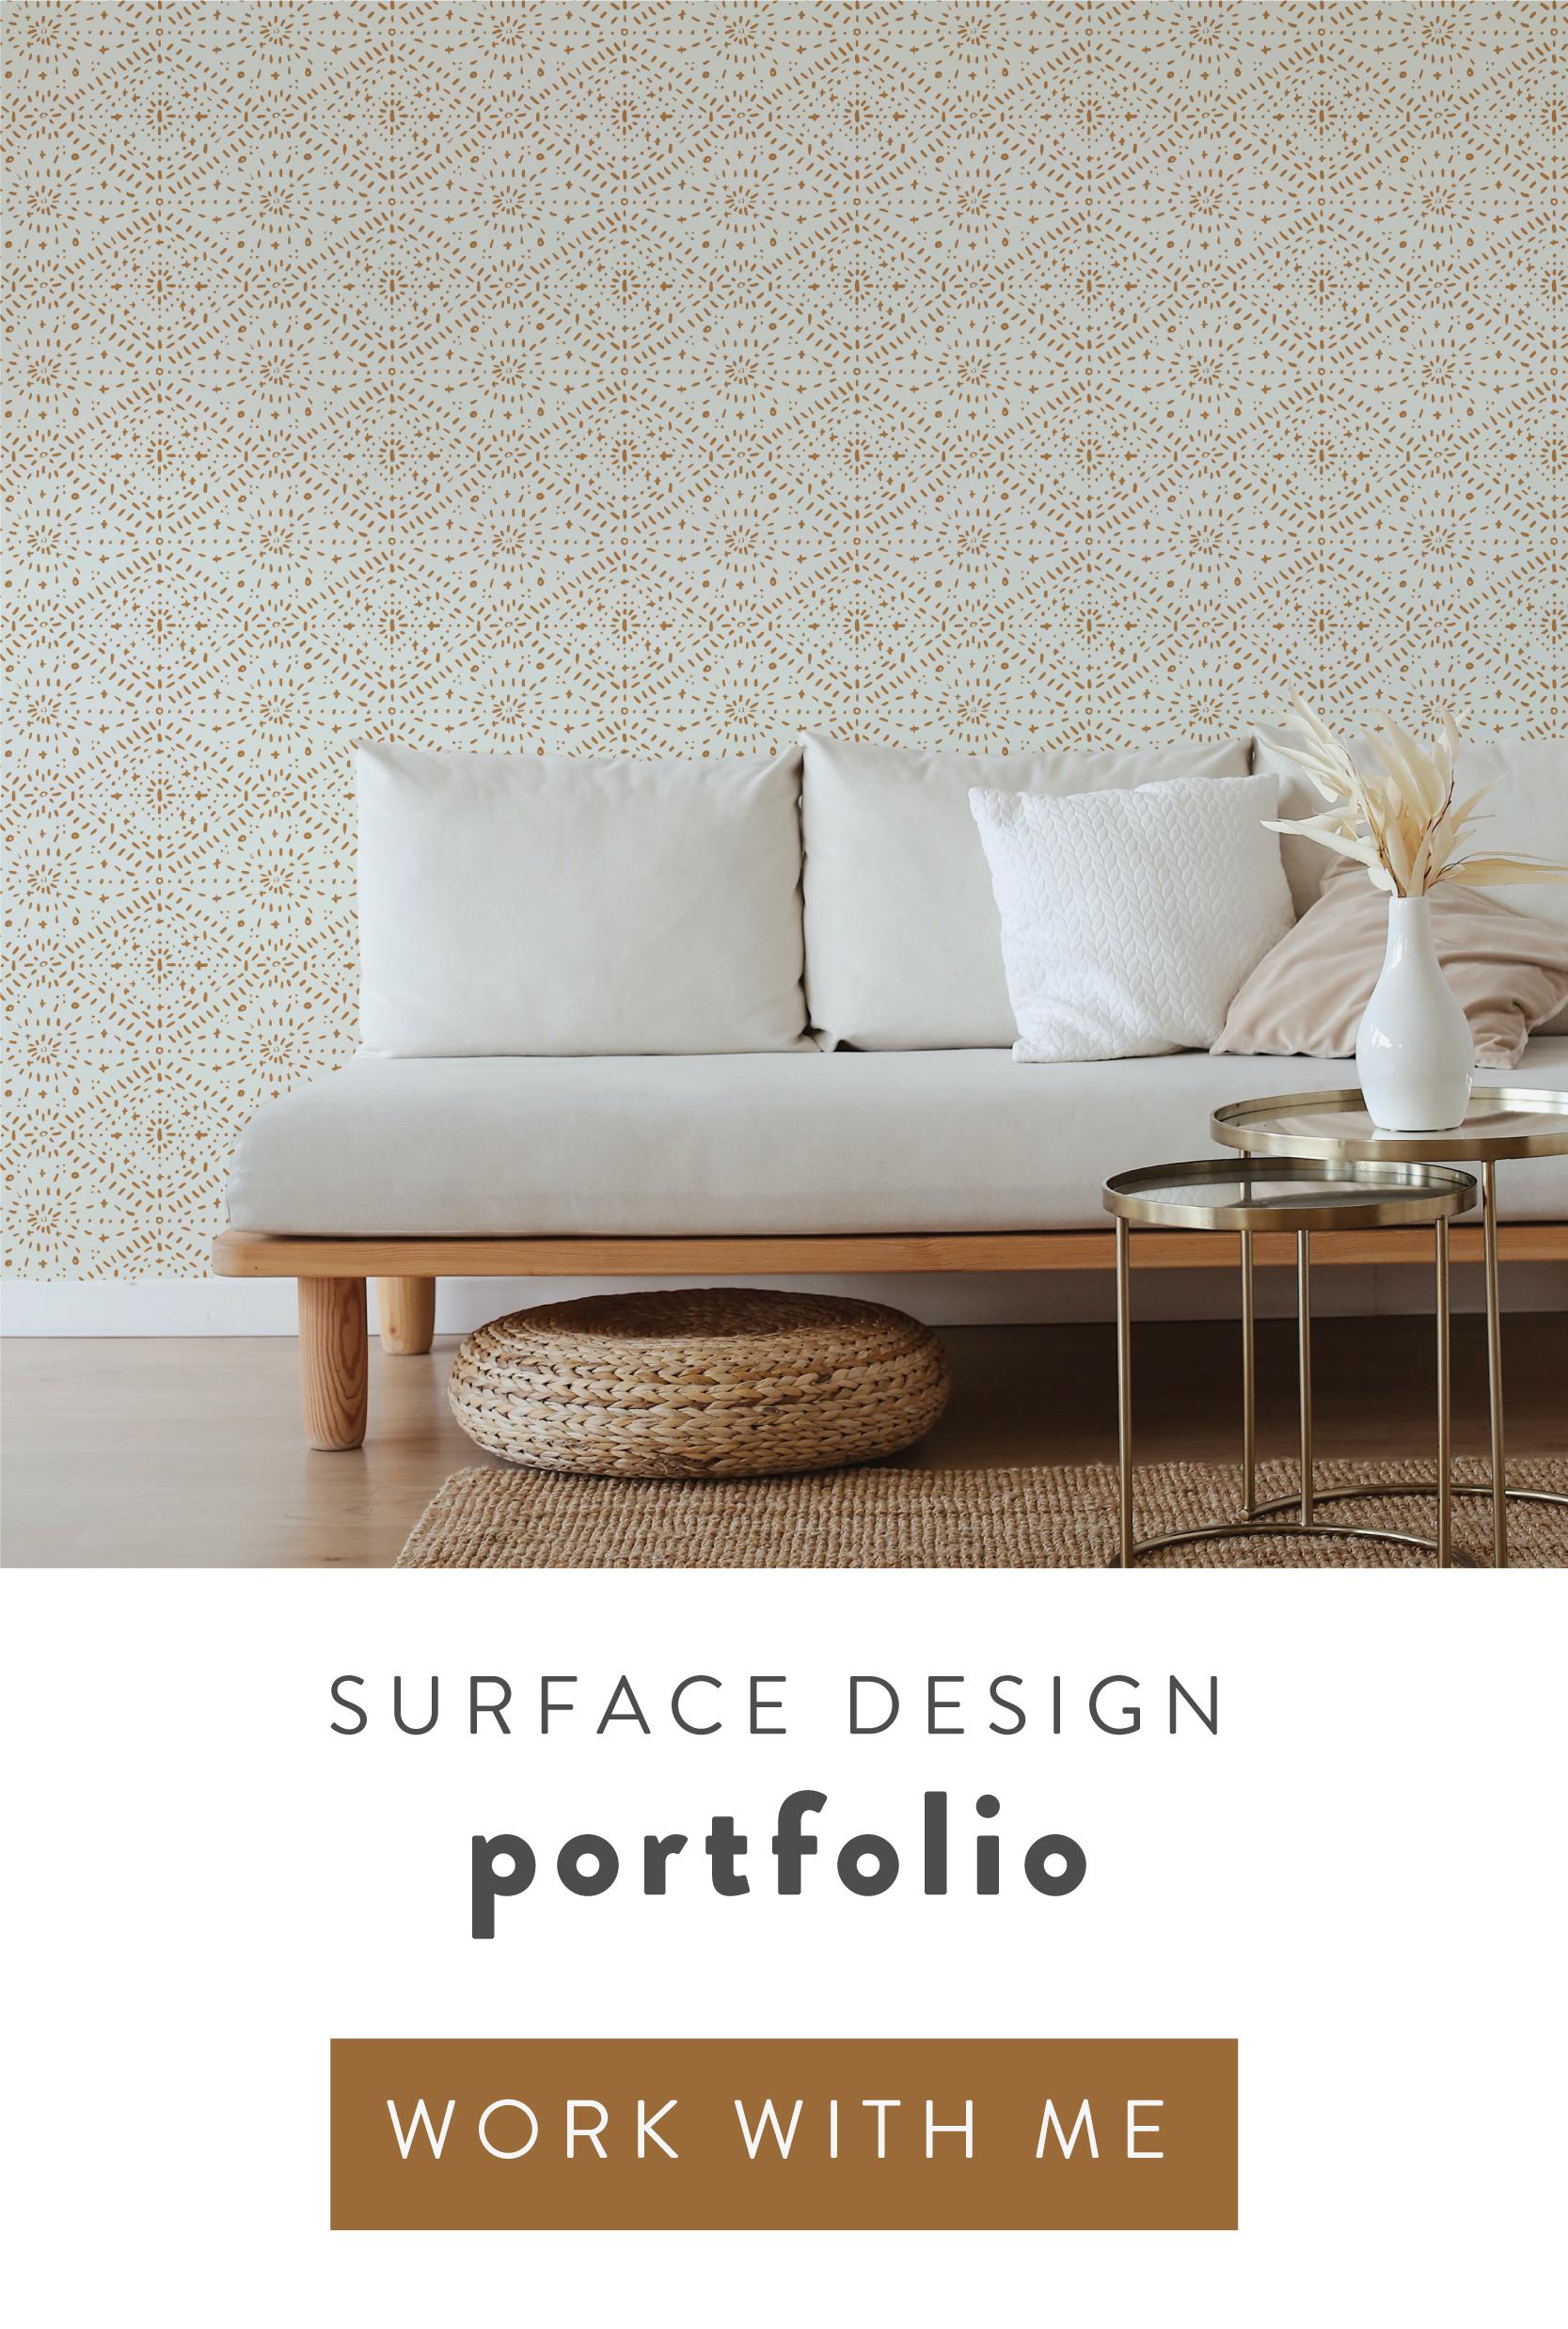 surface design portfolio | Radiant Home Studio